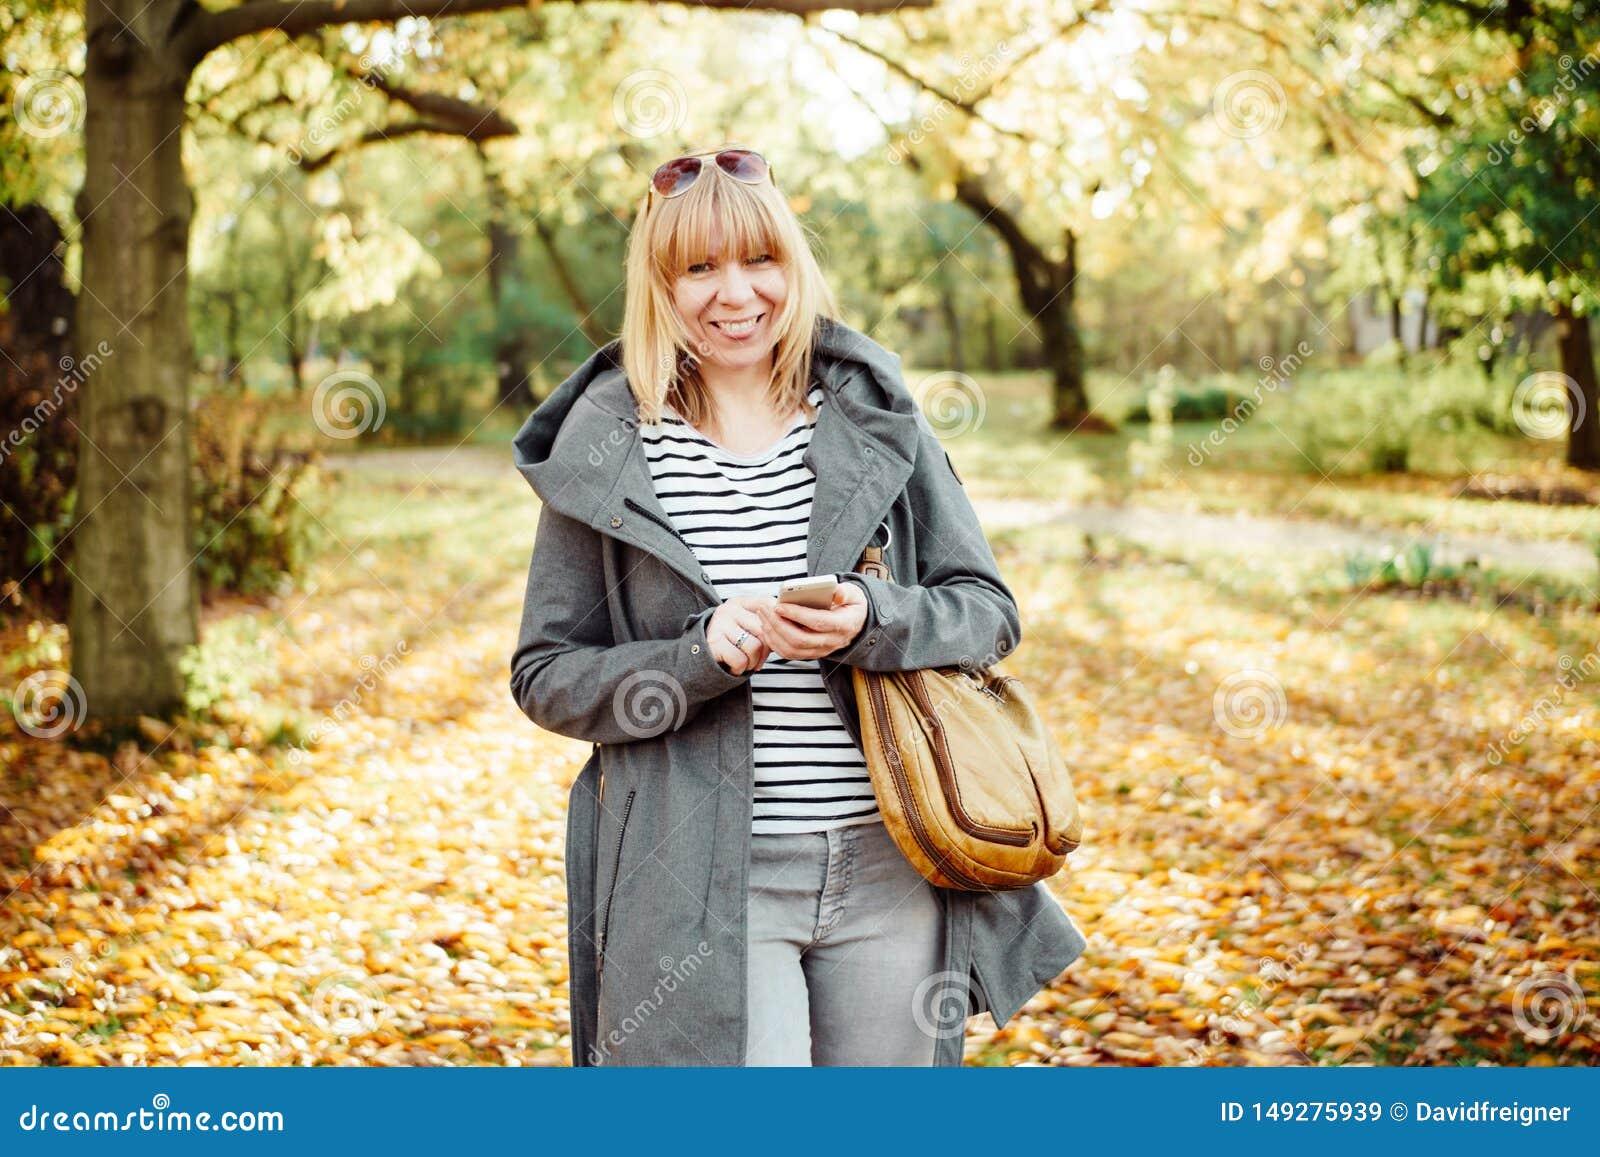 Gelukkige blondevrouw in het herfstbos of park texting met haar mobiele telefoon Mededeling, technologie en in openlucht concept